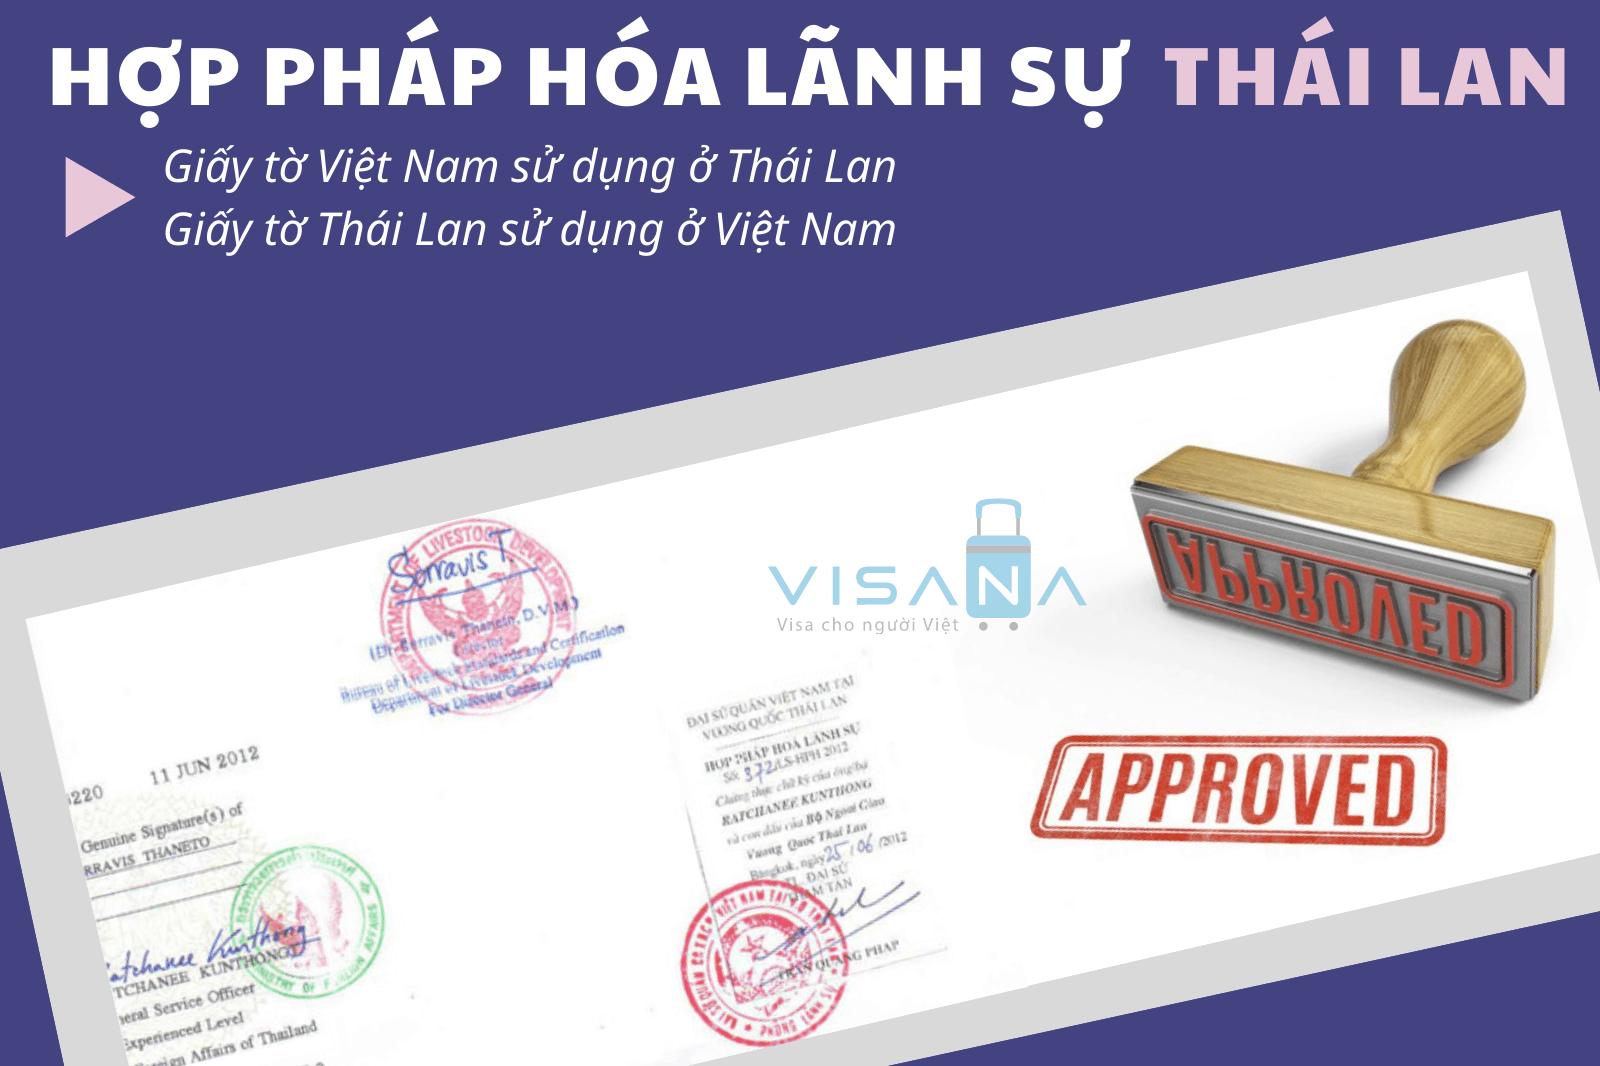 Hợp pháp hóa lãnh sự Thái Lan